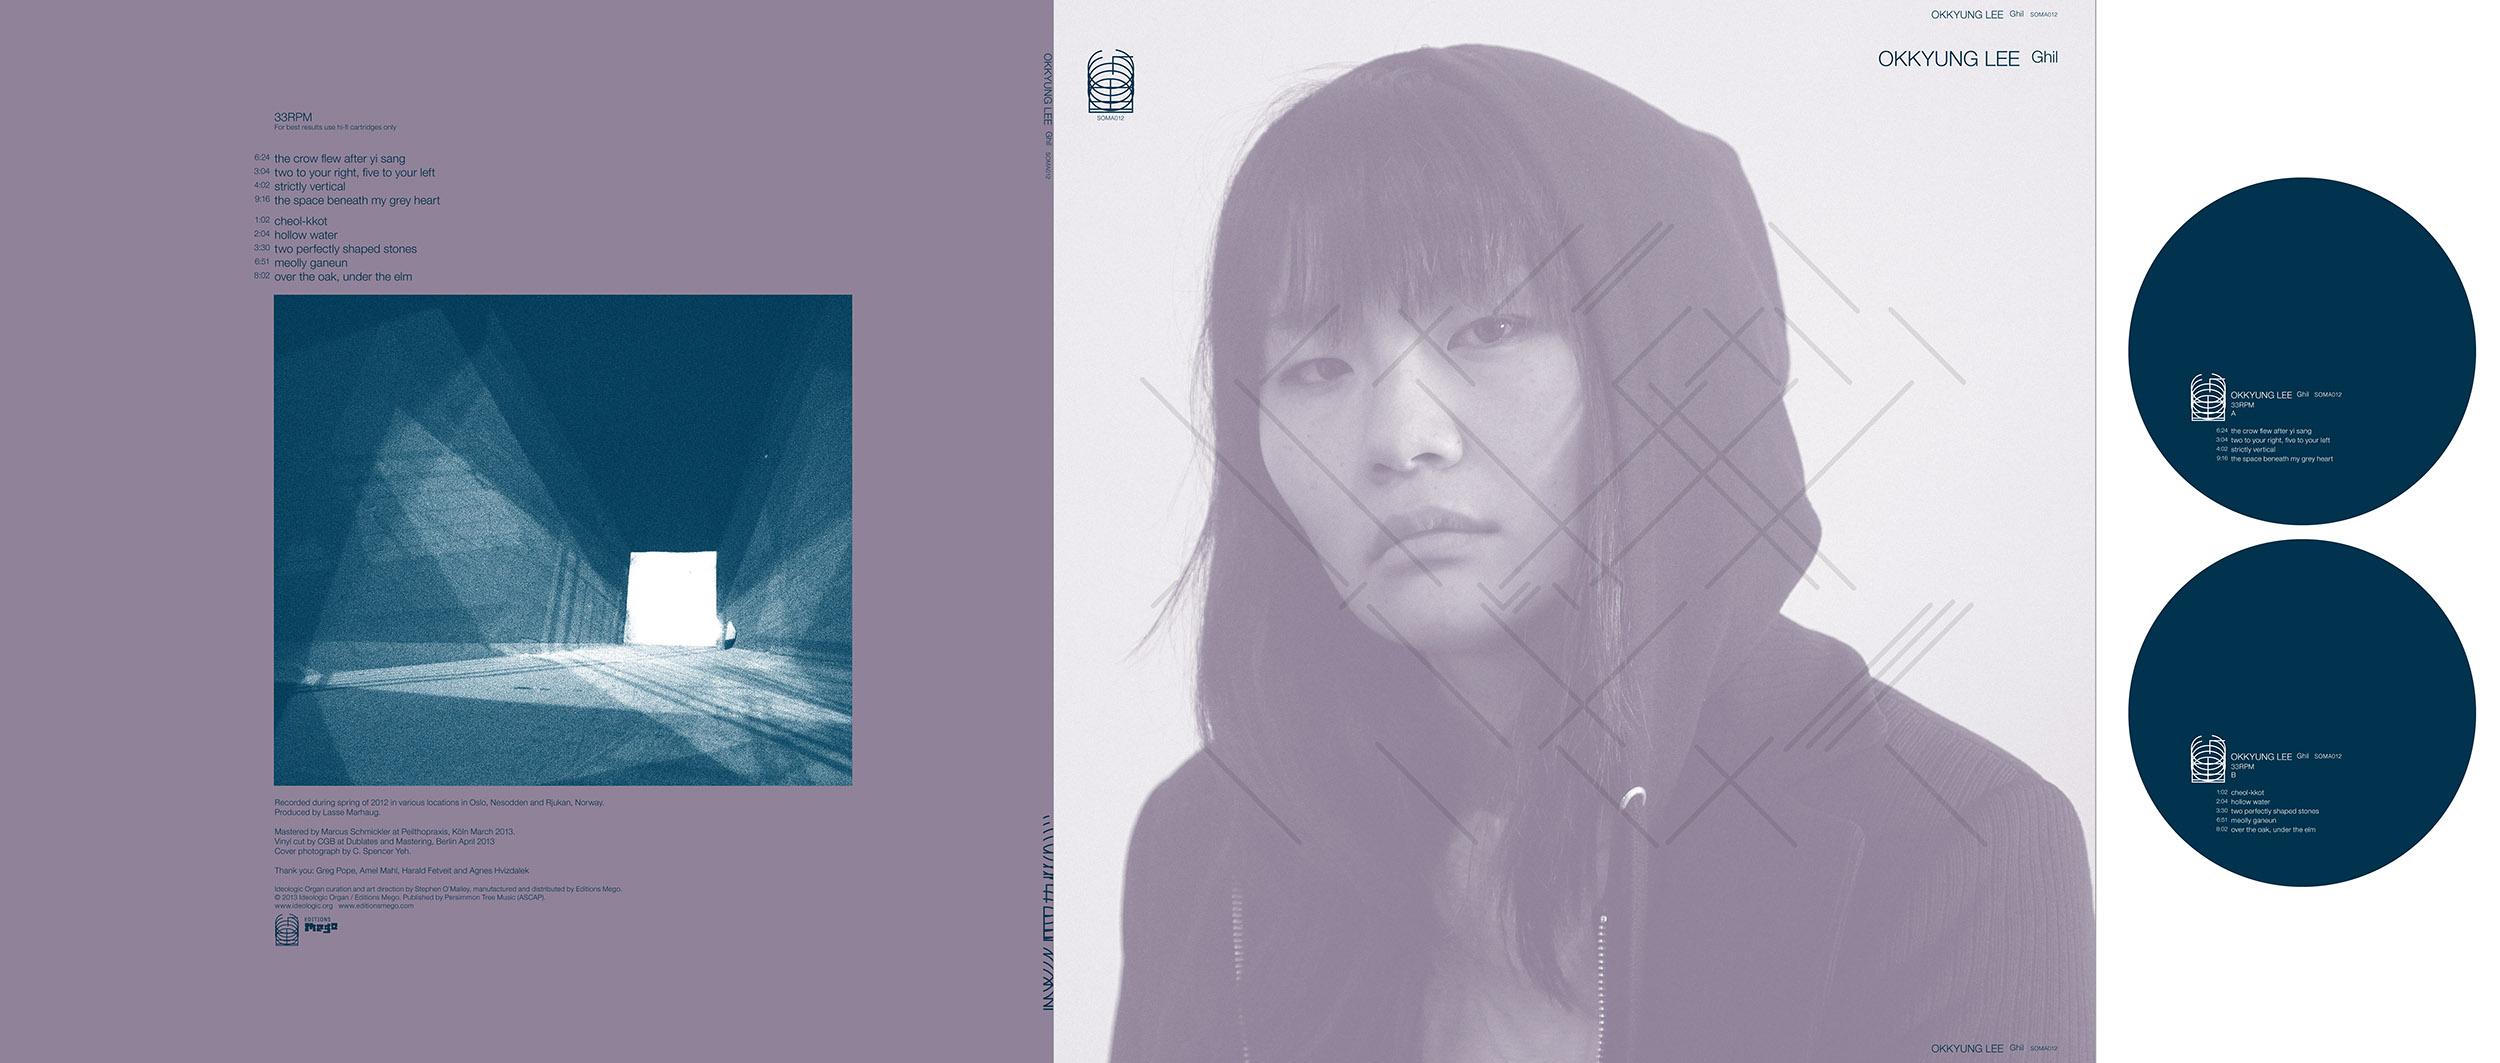 """SOMA012 Okkyung Lee """"Ghil"""" on IDEOLOGIC ORGAN released June 25 2013"""